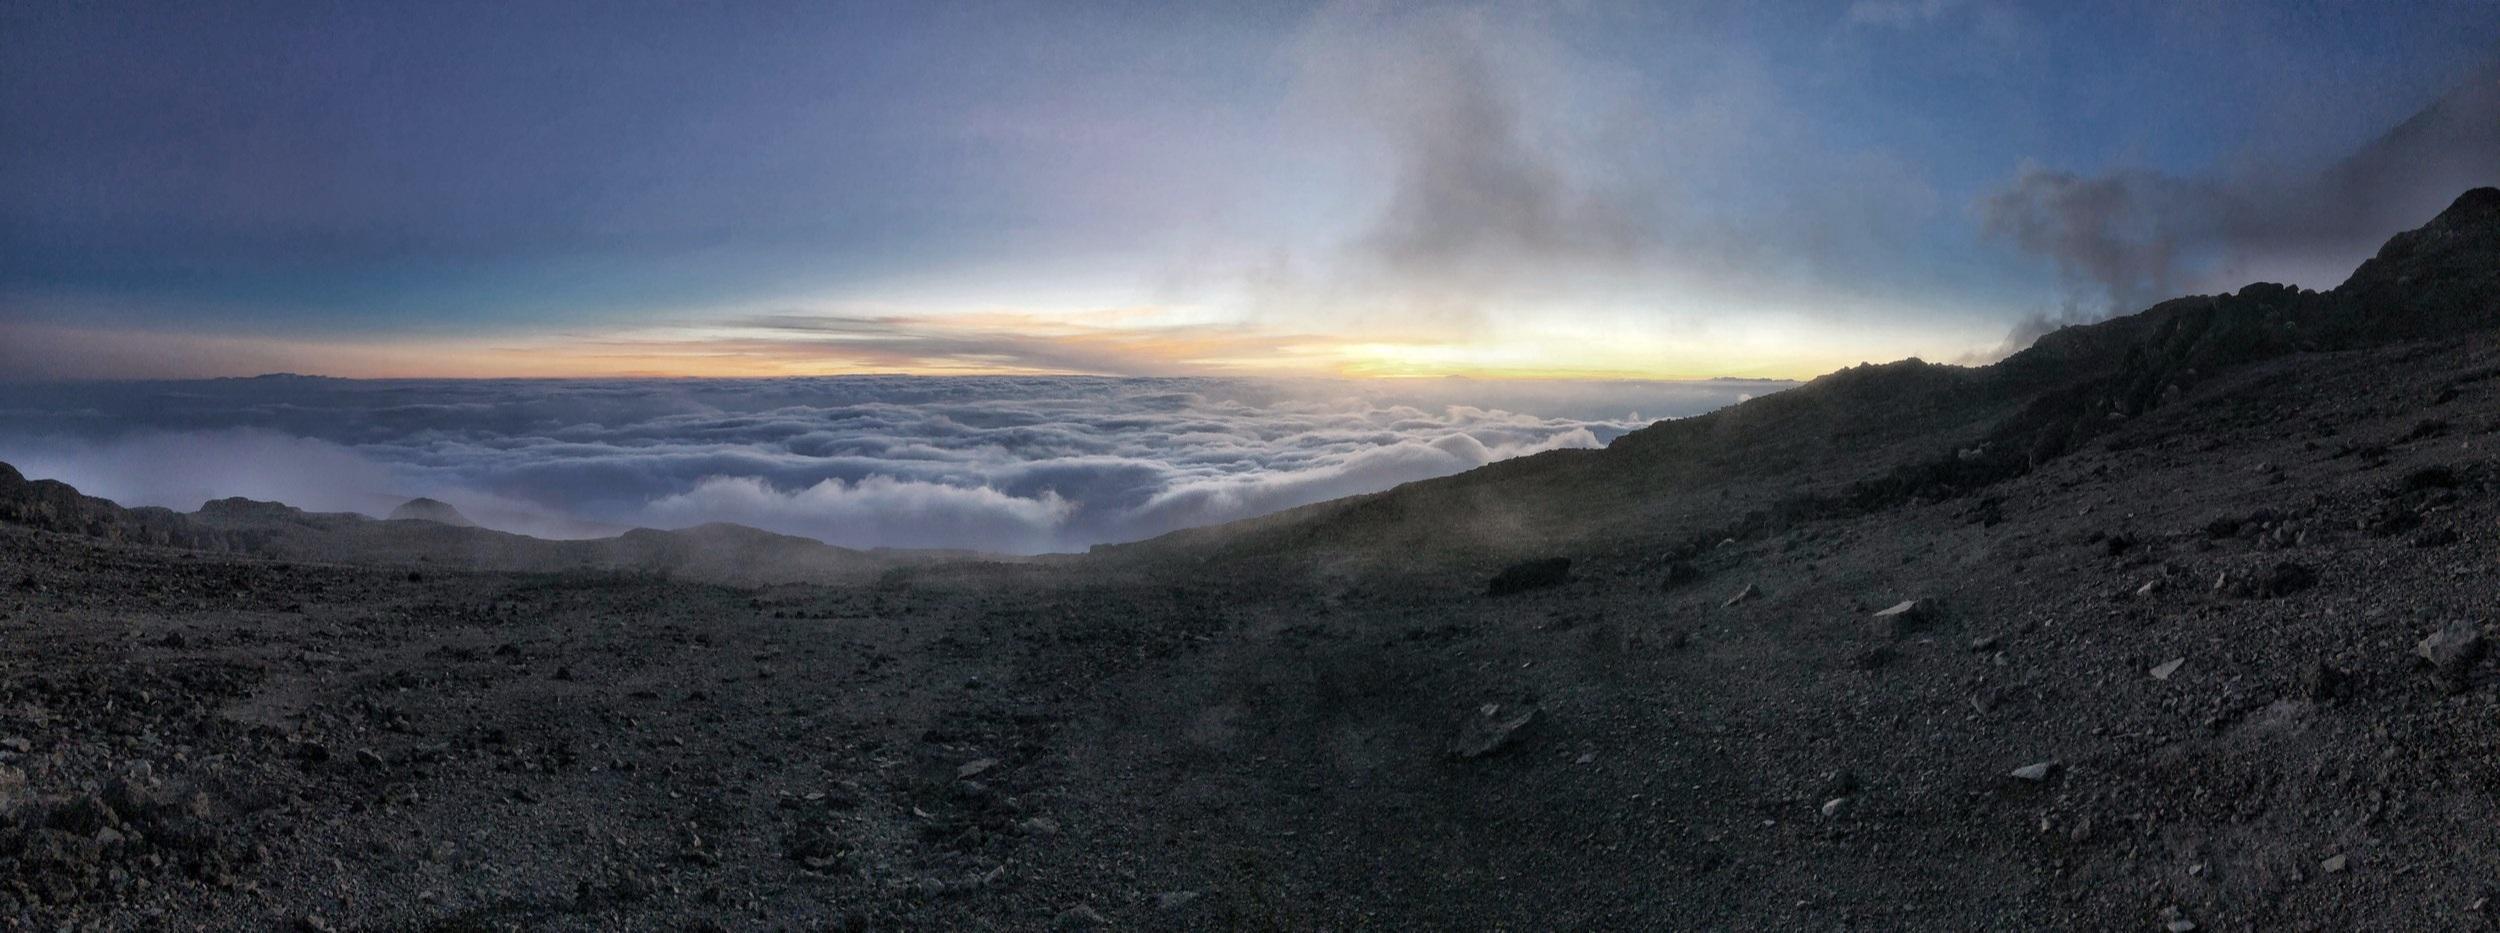 Sonnenuntergang beim abstieg nach der akklimatisierung im barafu camp